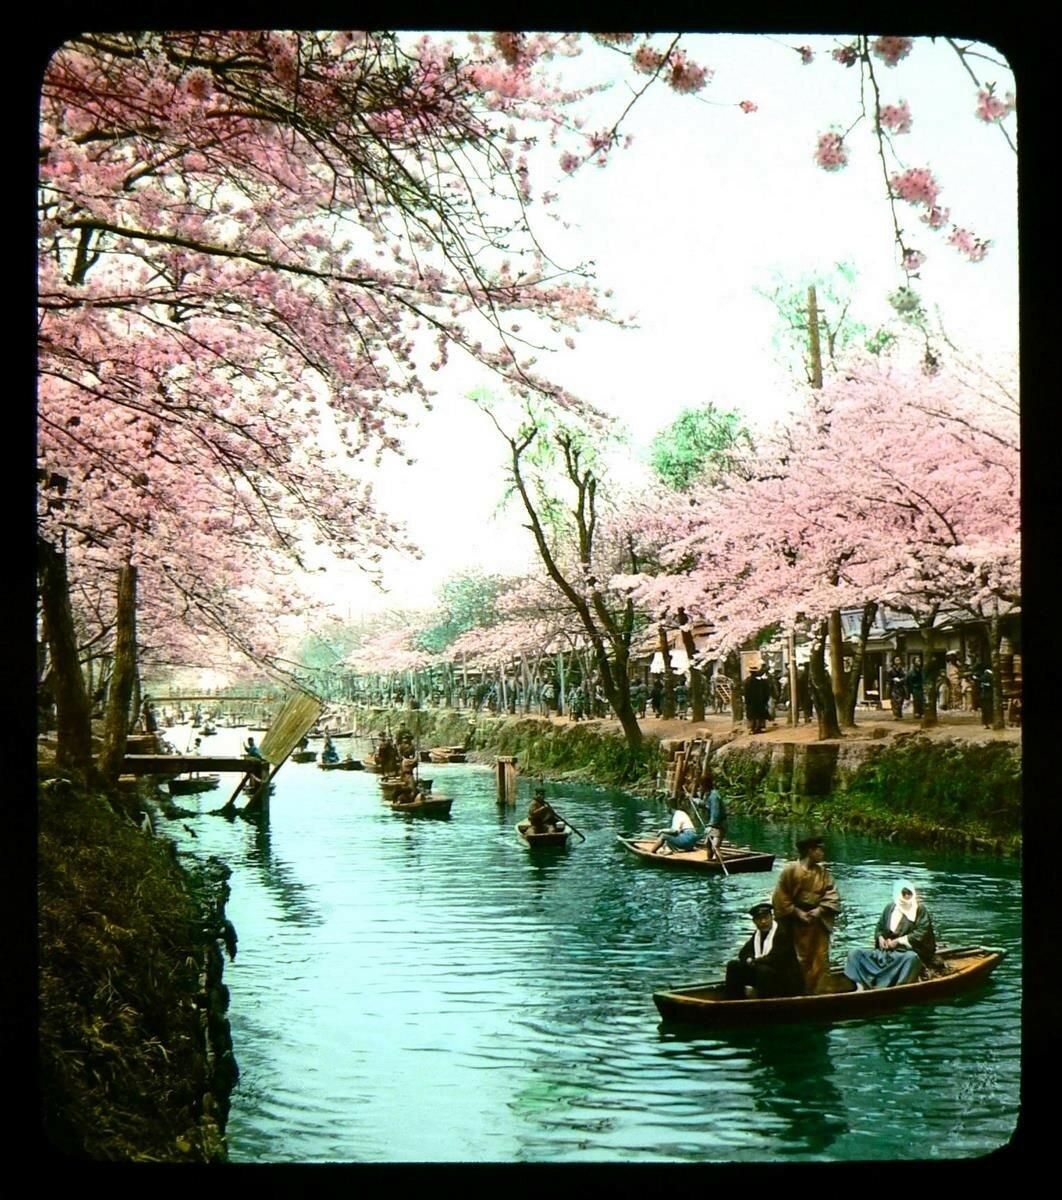 Токио. Катание на лодках по реке в Эдогаве